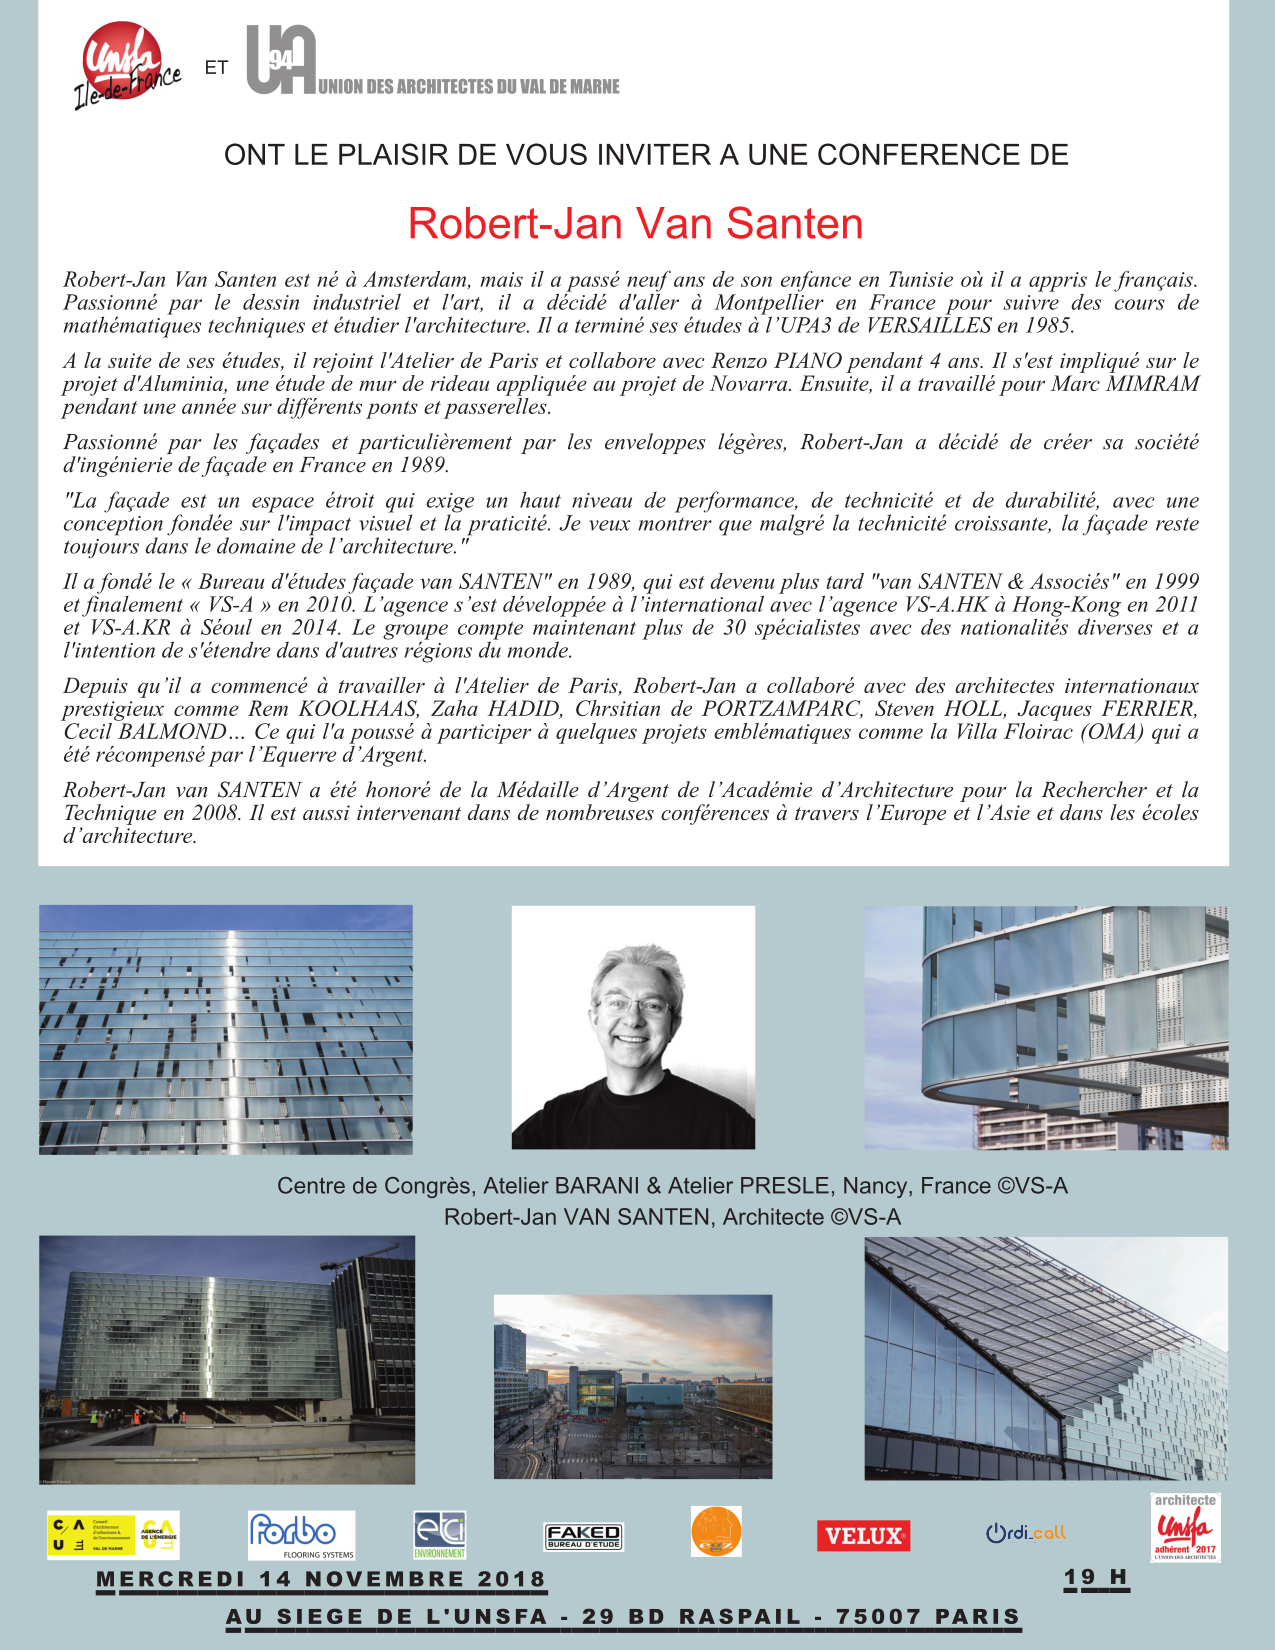 conference robert jan van santen a paris – union des architectes du